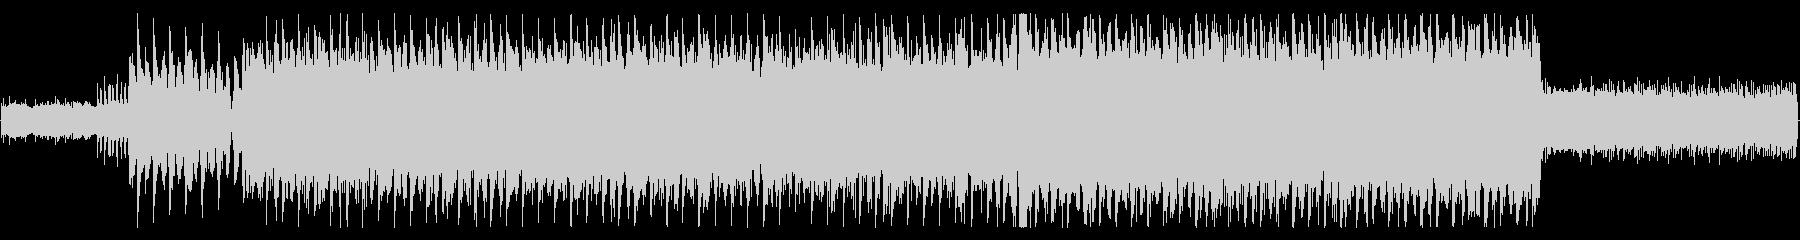 重低音効く情熱的なロックの未再生の波形